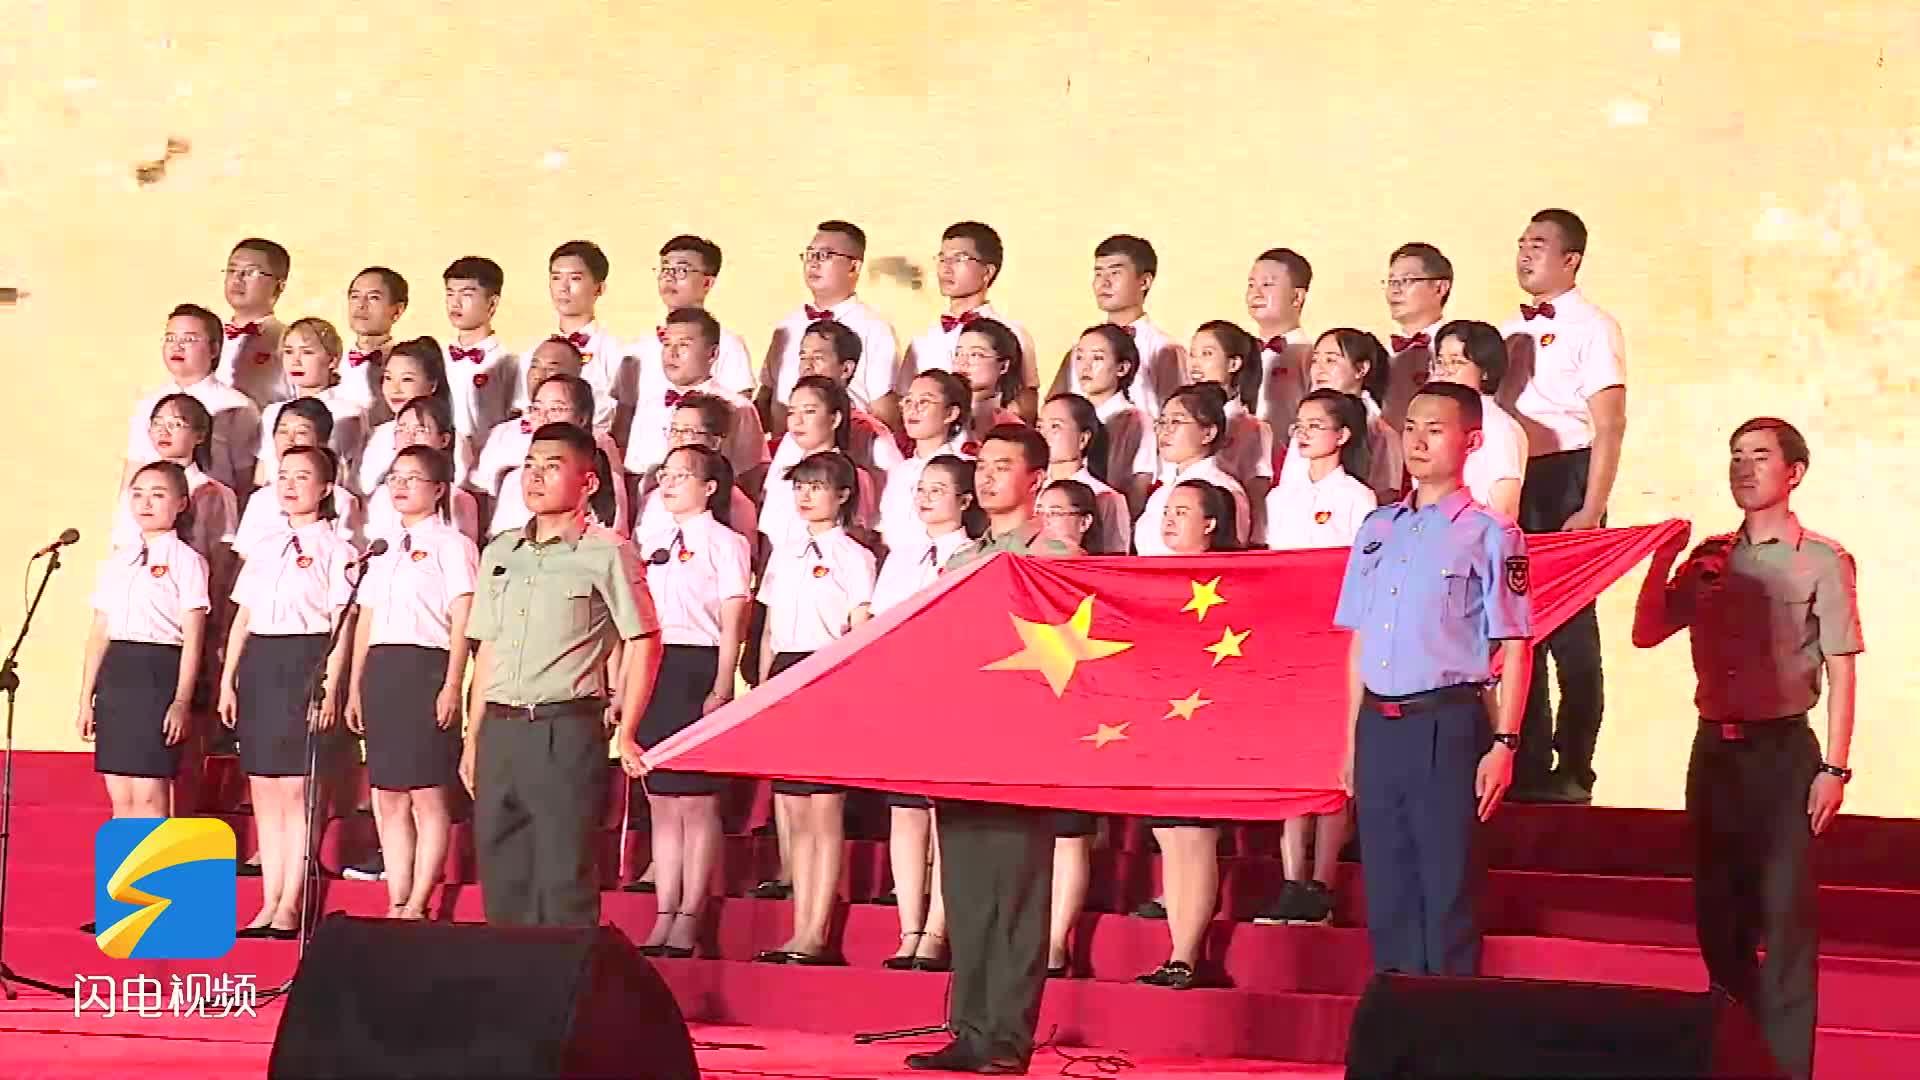 聊城高唐:举办庆祝中国共产党成立100周年合唱展演